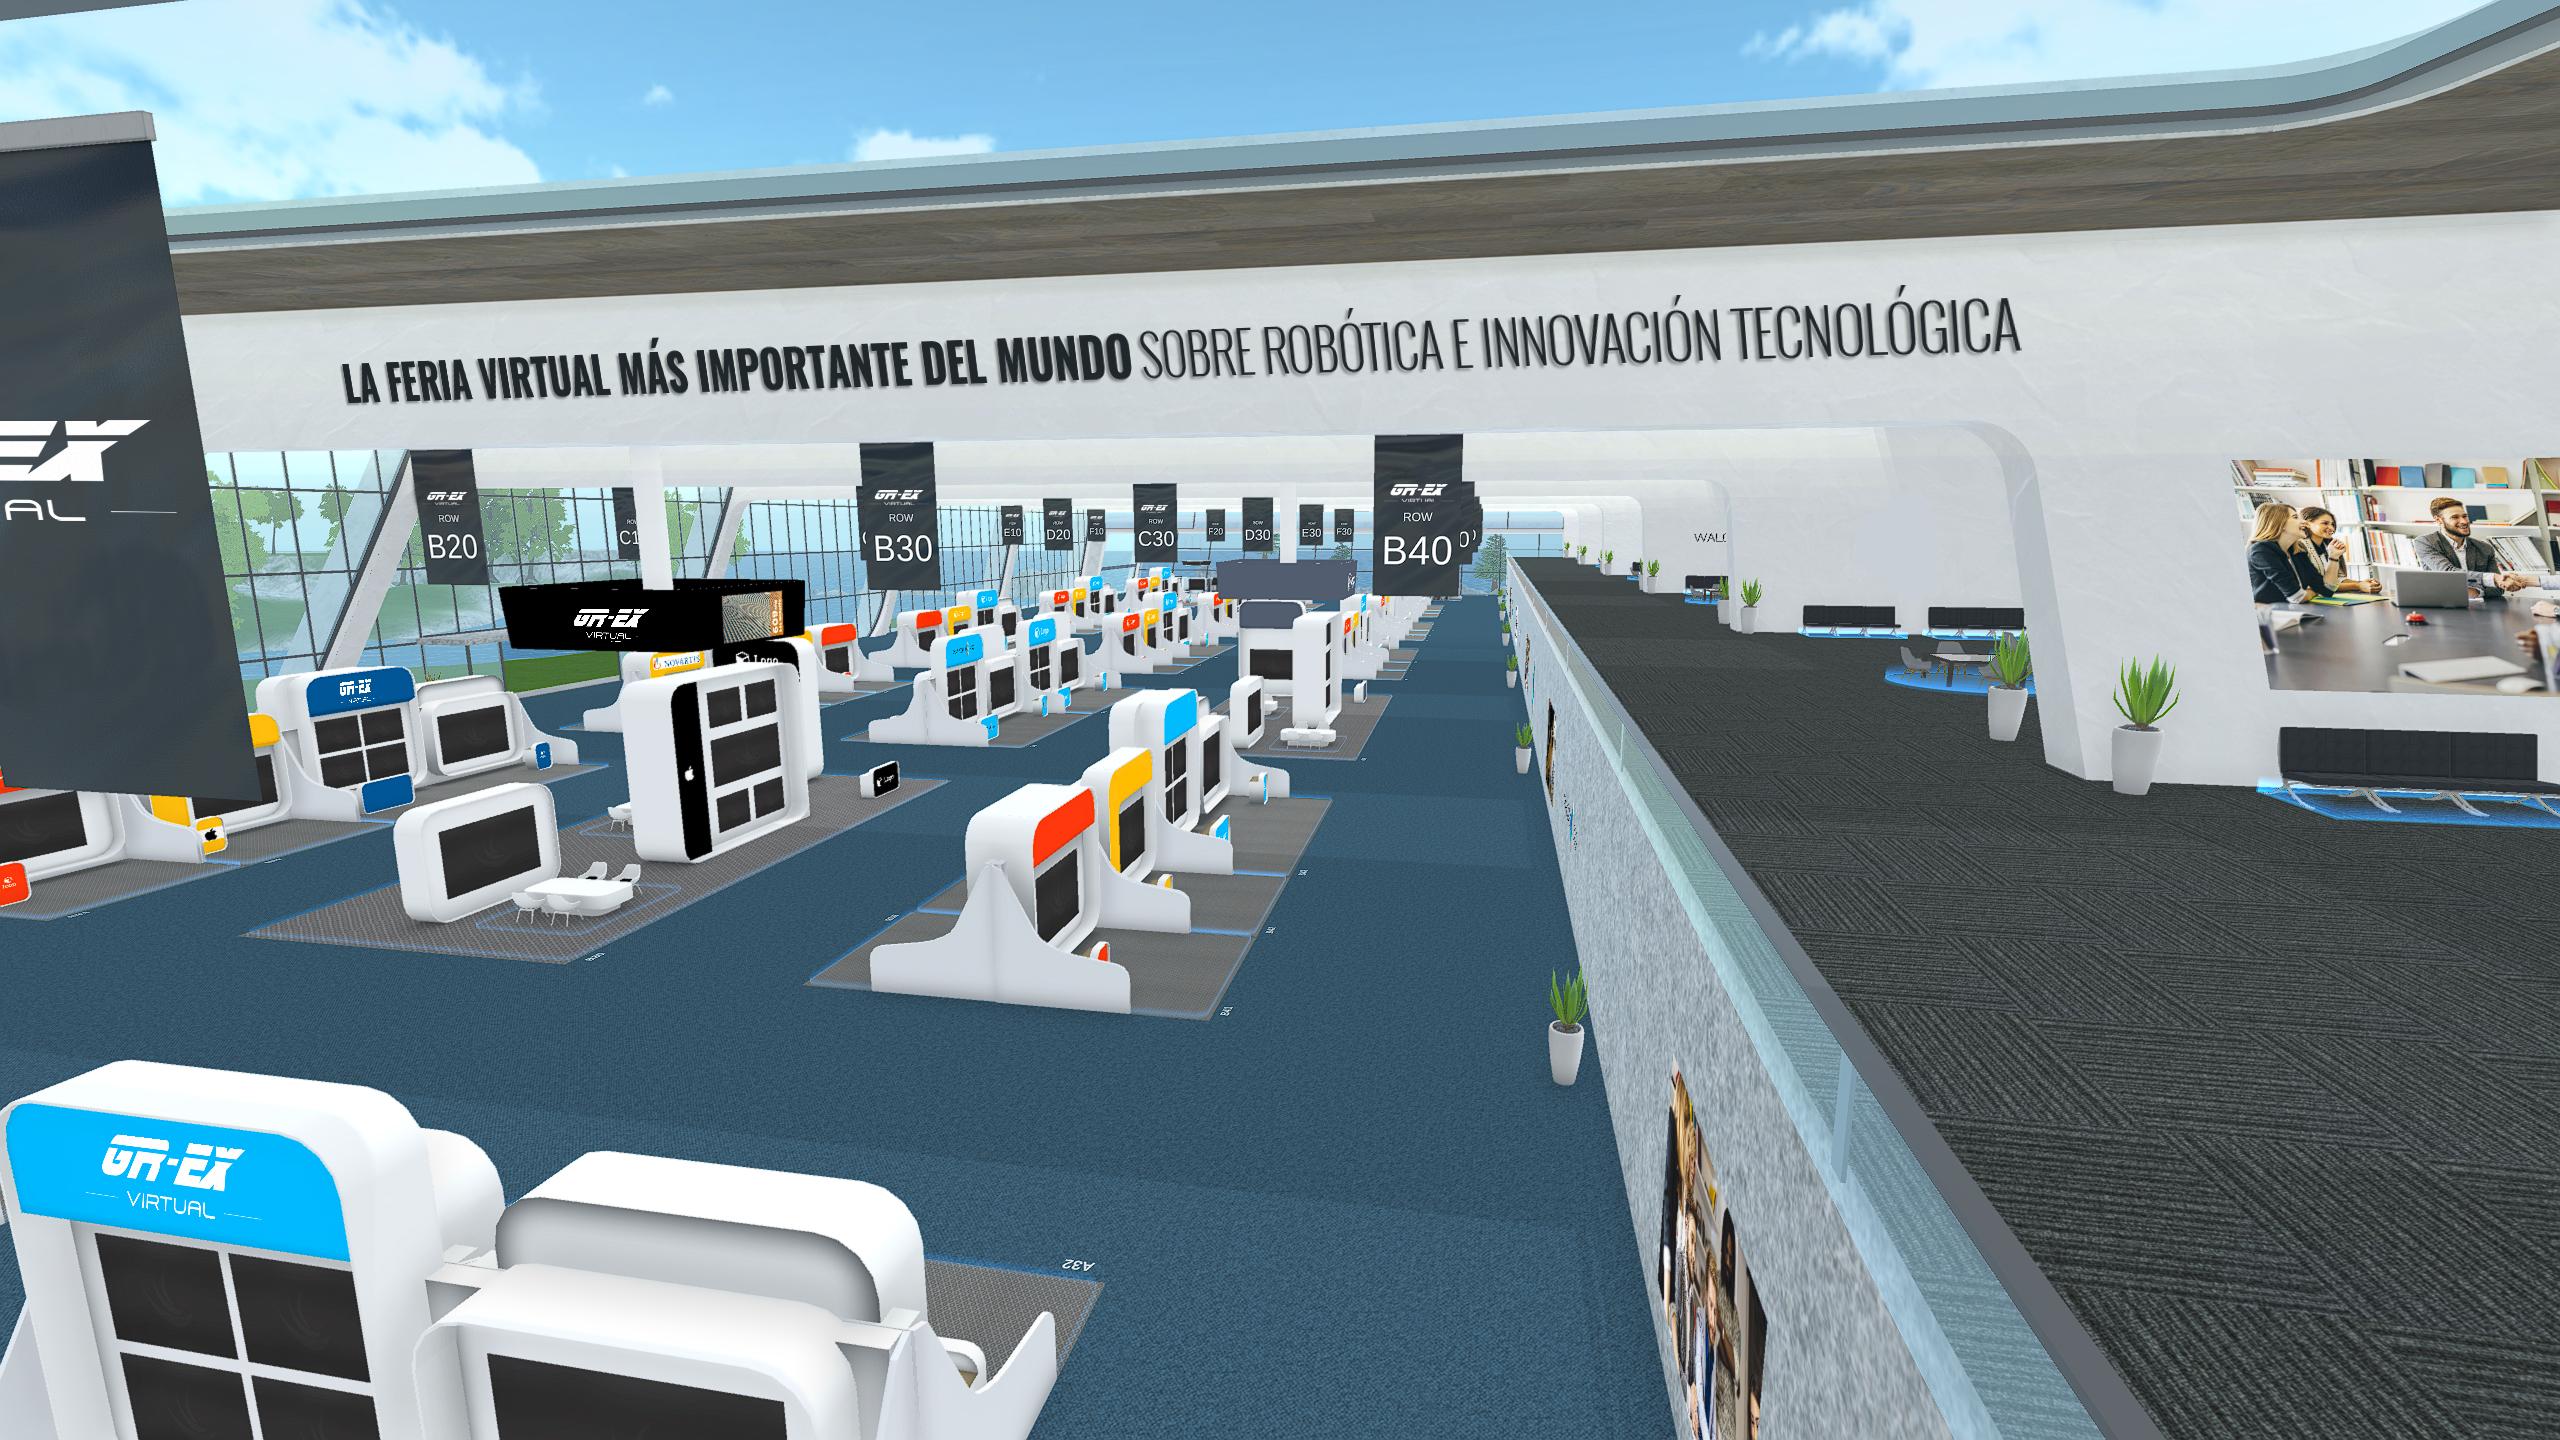 Imagen Feria Virtualsin Fechas